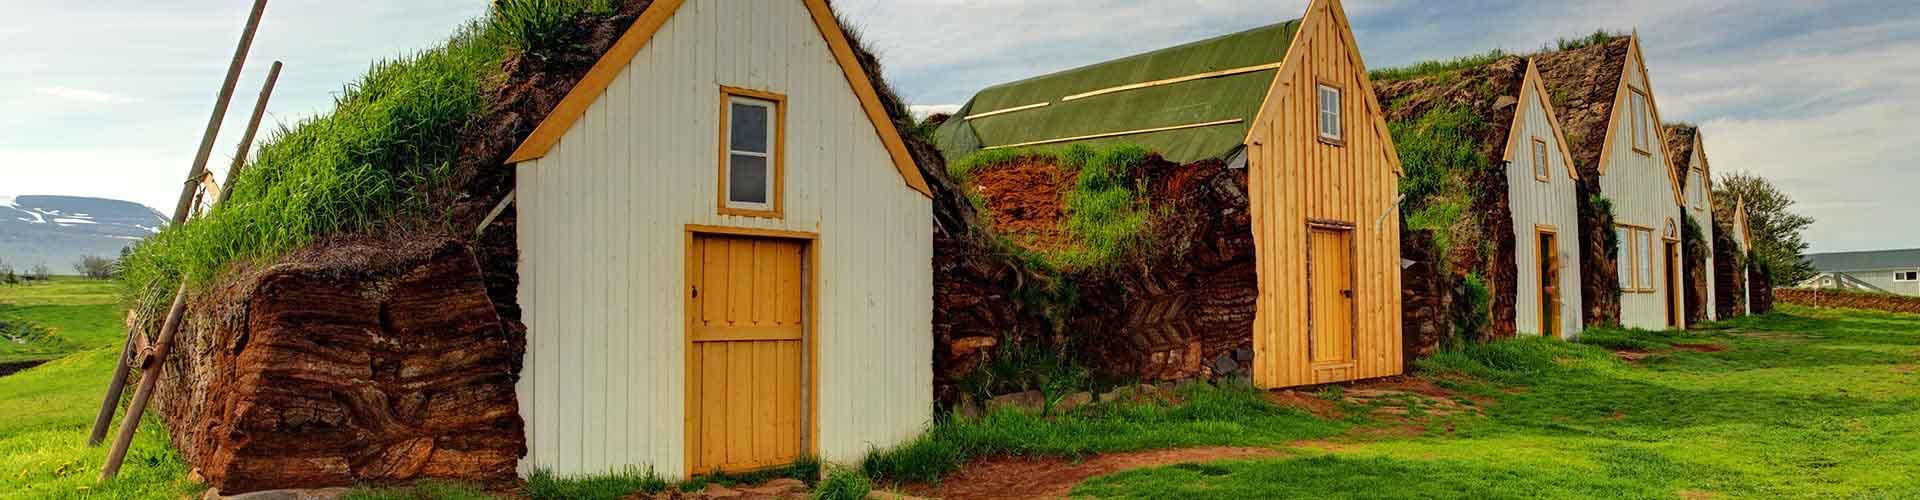 Akureyri - Chambres à Akureyri. Cartes pour Akureyri, photos et commentaires pour chaque chambre à Akureyri.